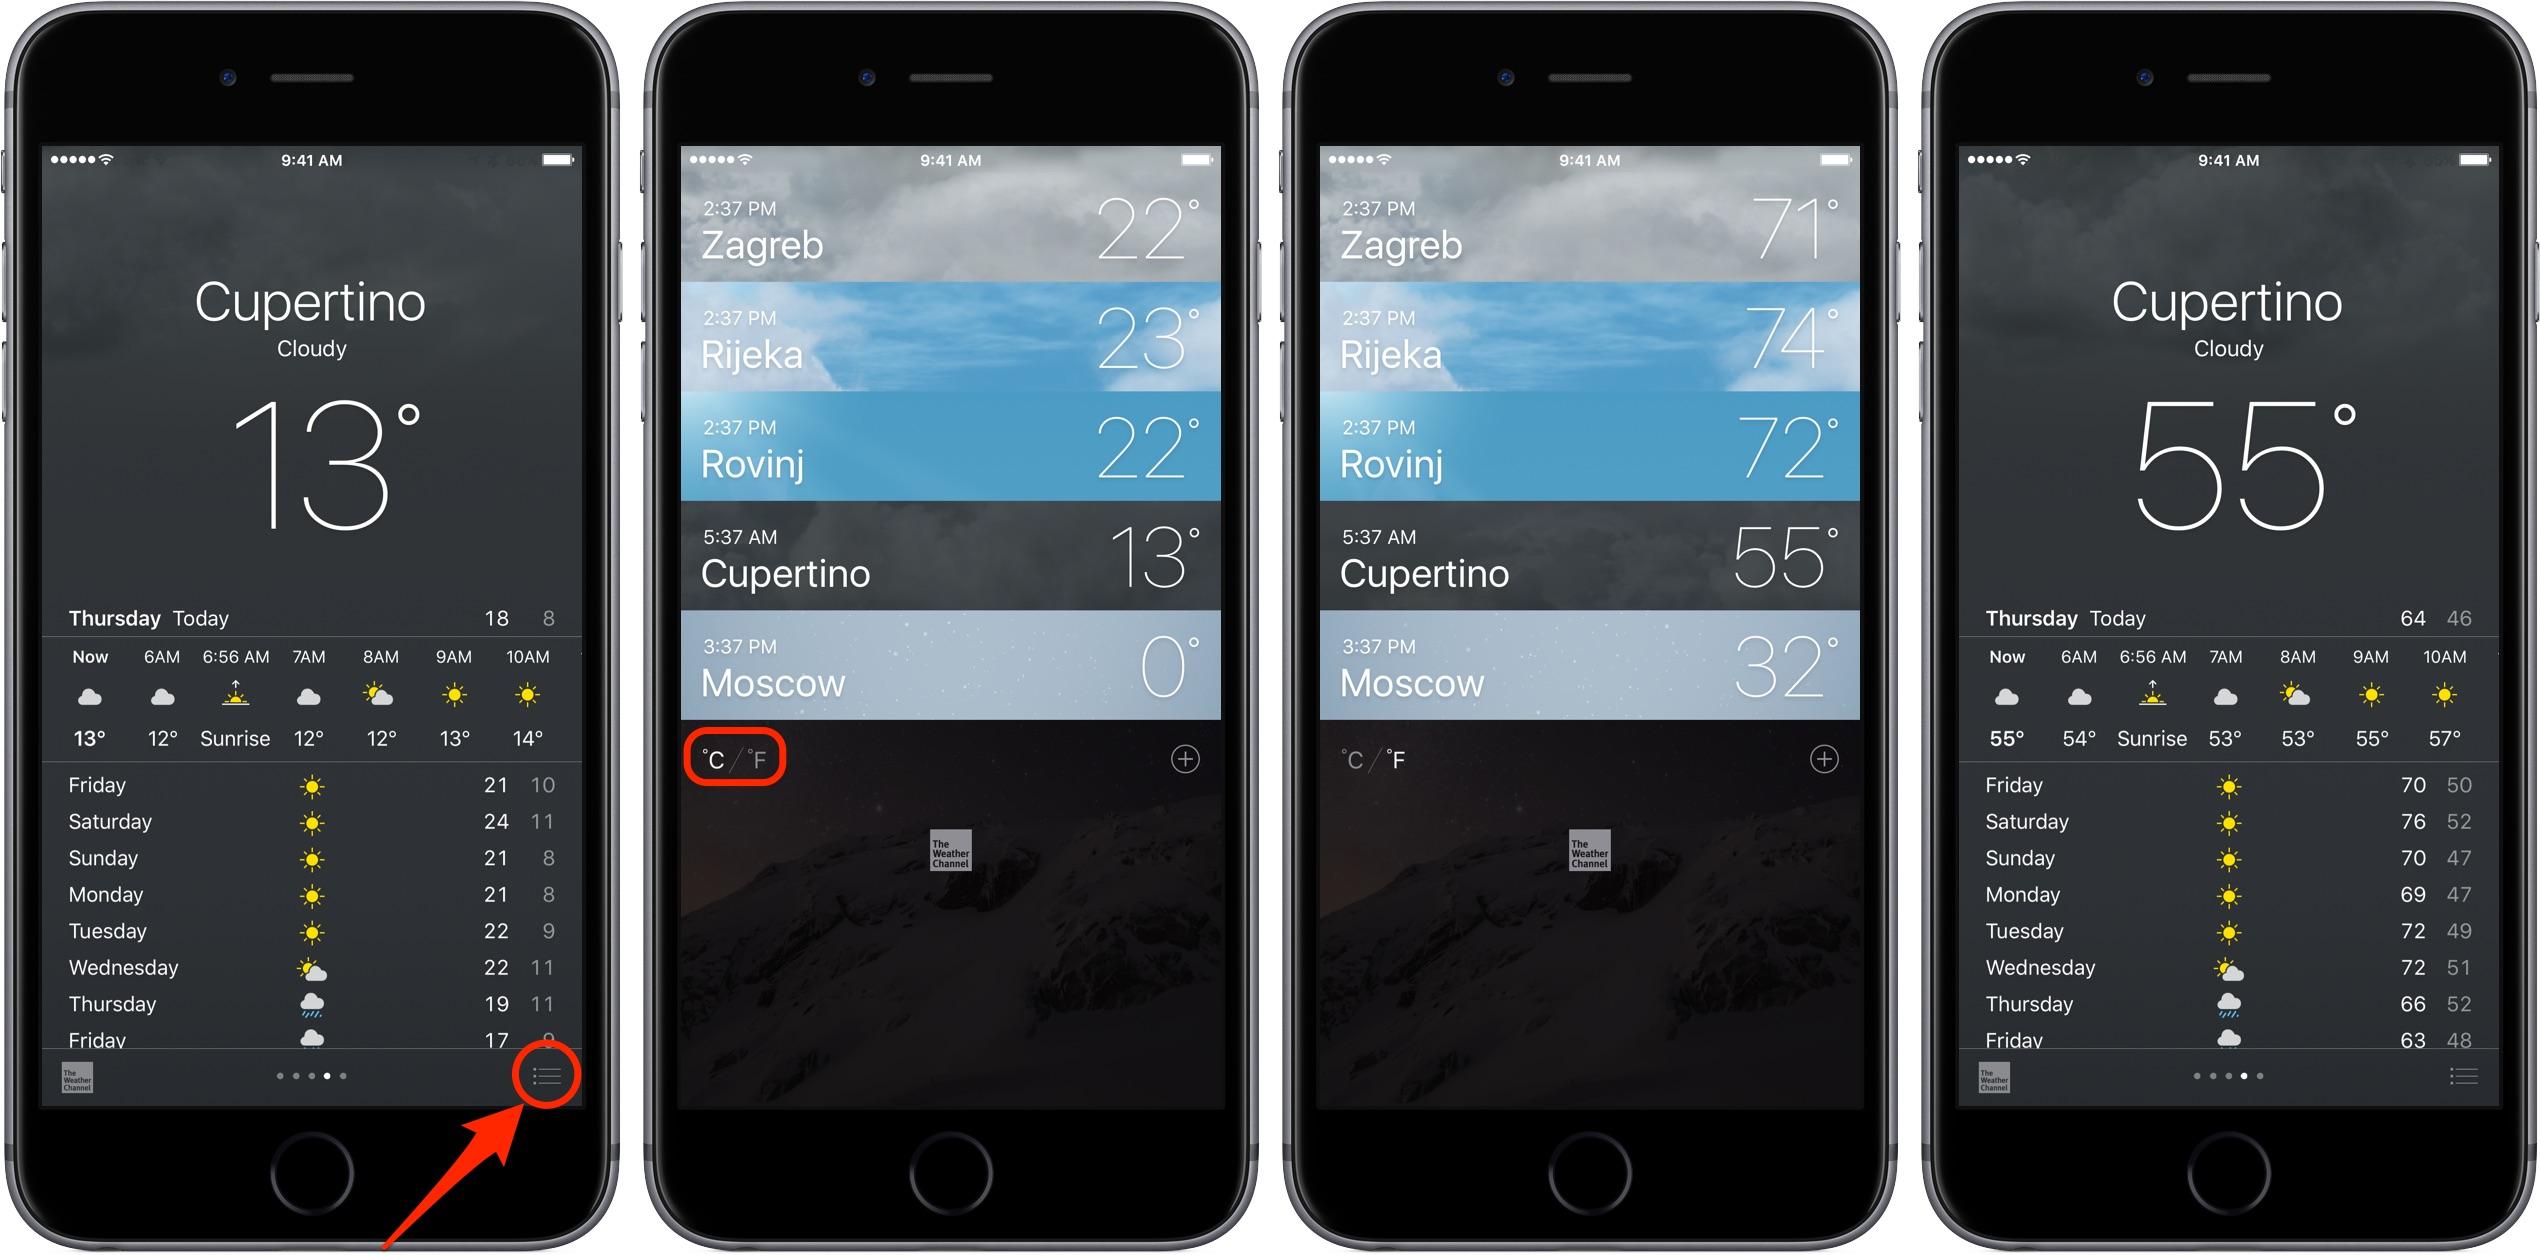 Iphone App Temperature Inside